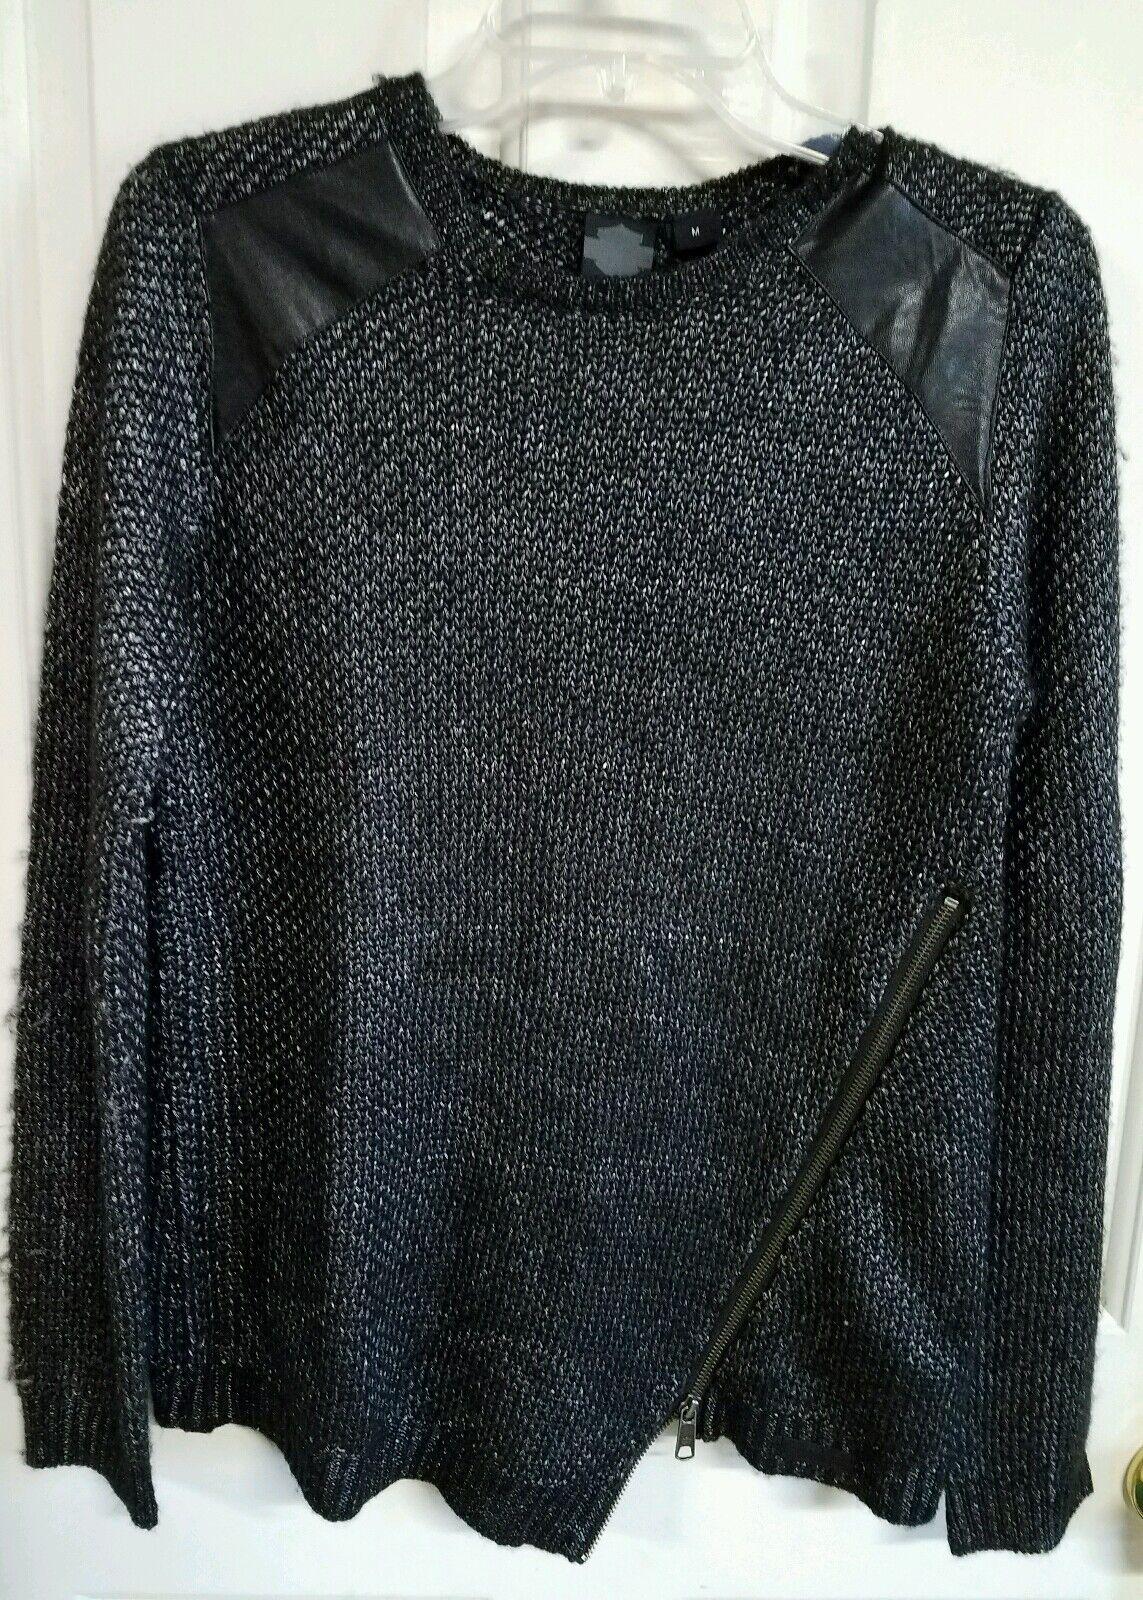 NWT Harley Davidson damen schwarz sweater, leather accent, Größe Med,